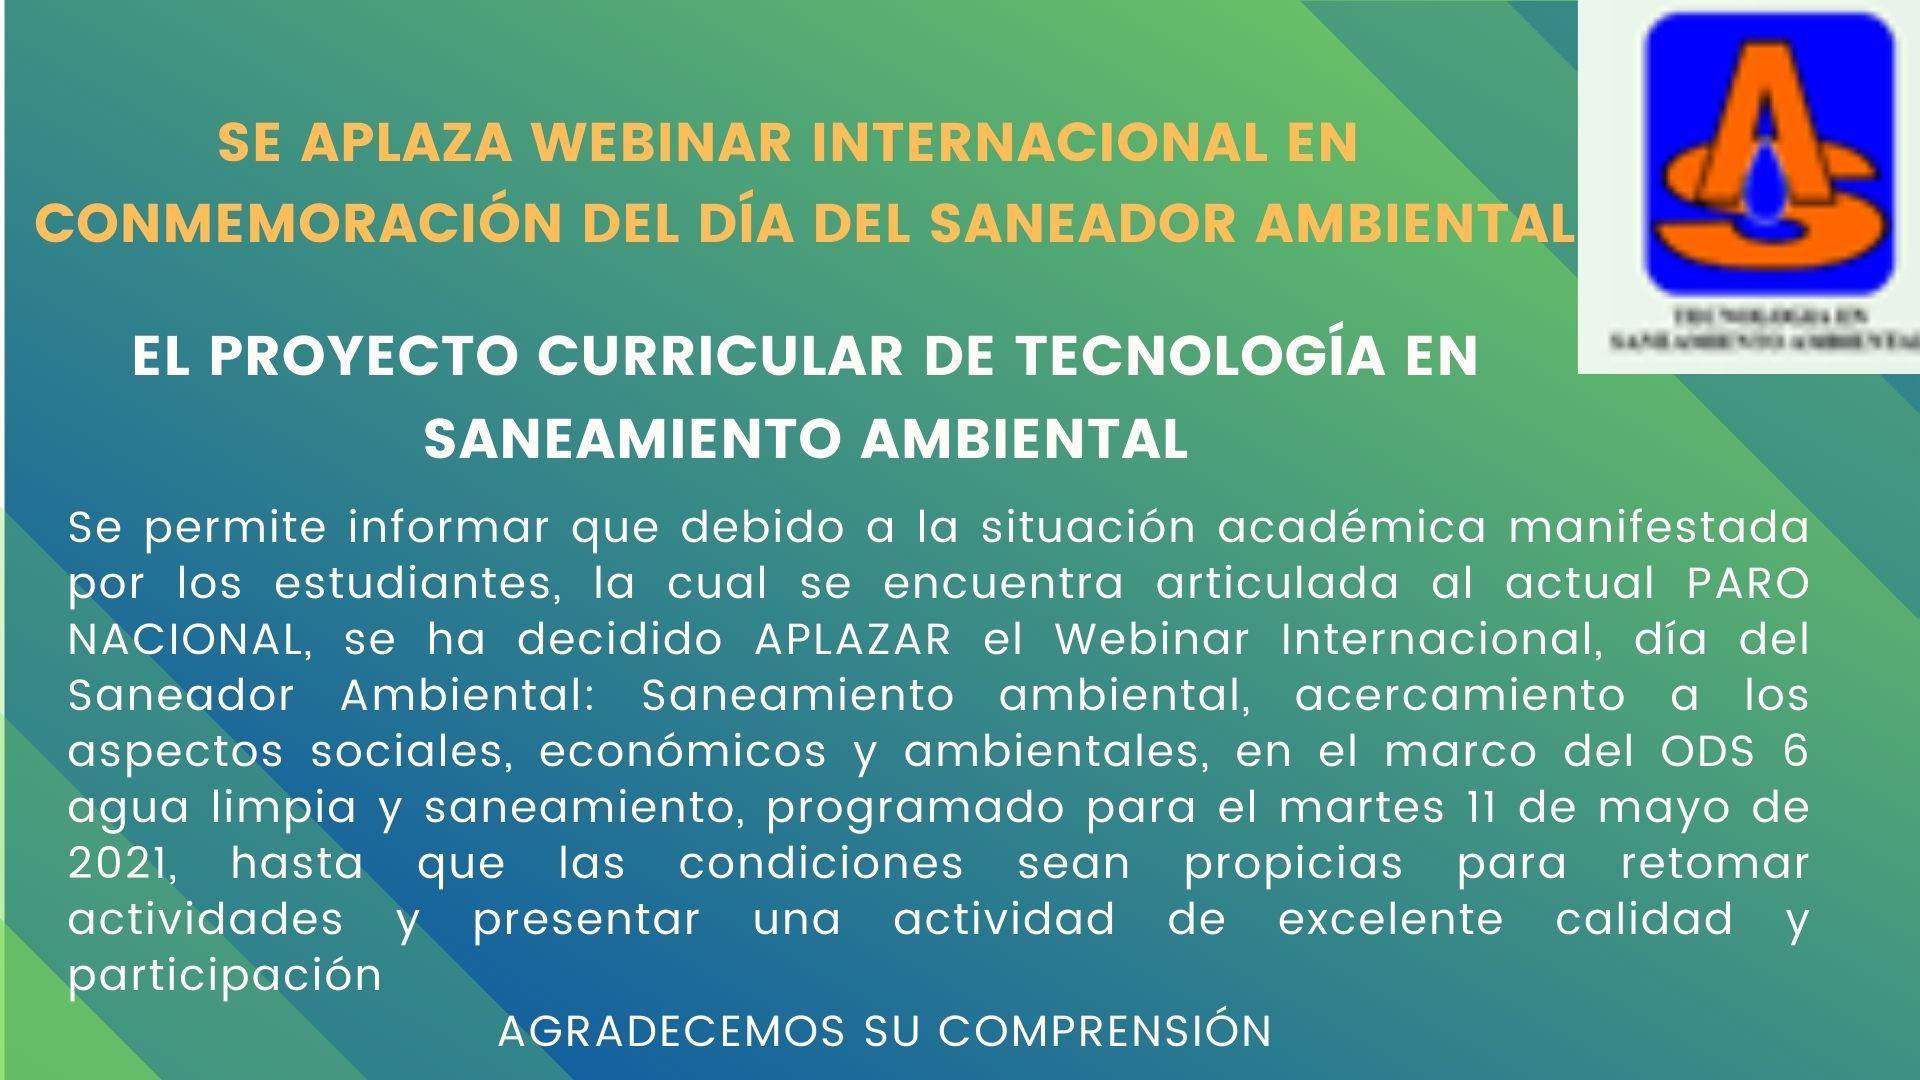 Aplazamiento Webinar Internacional